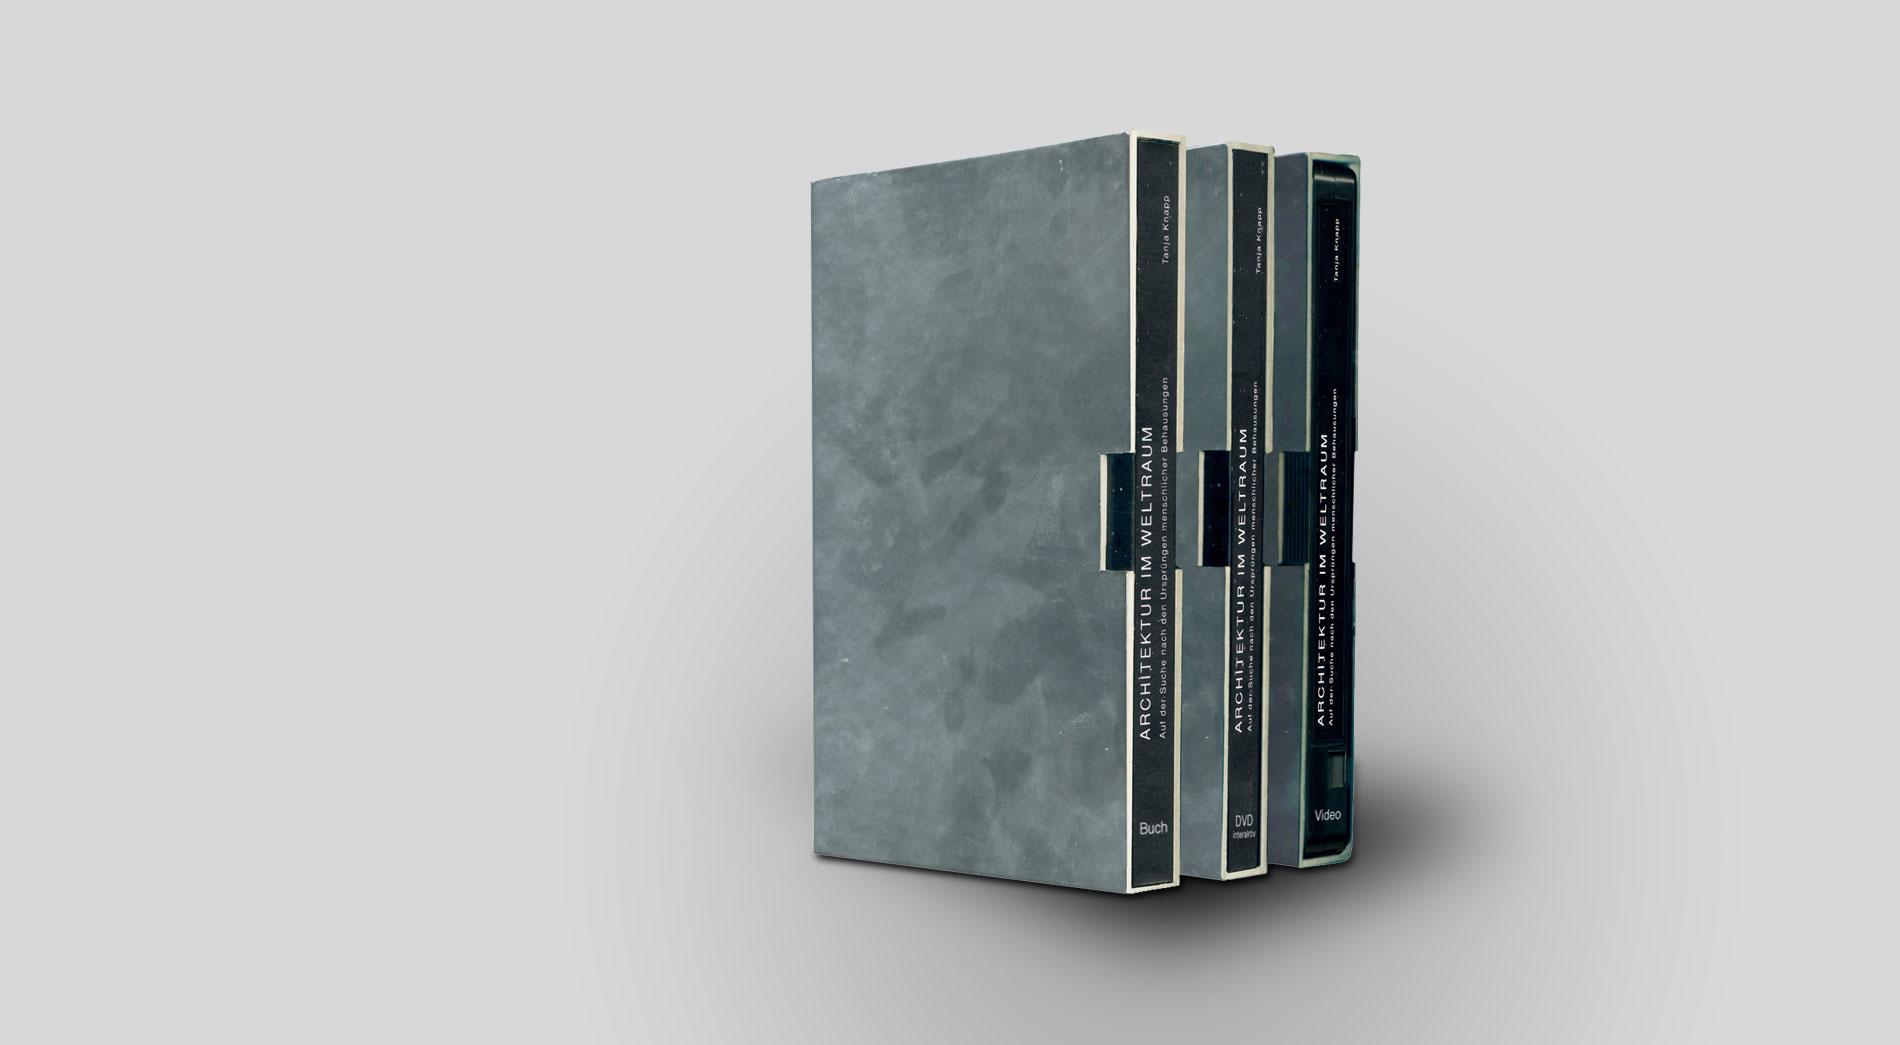 Box mit DVD, Video und Buch